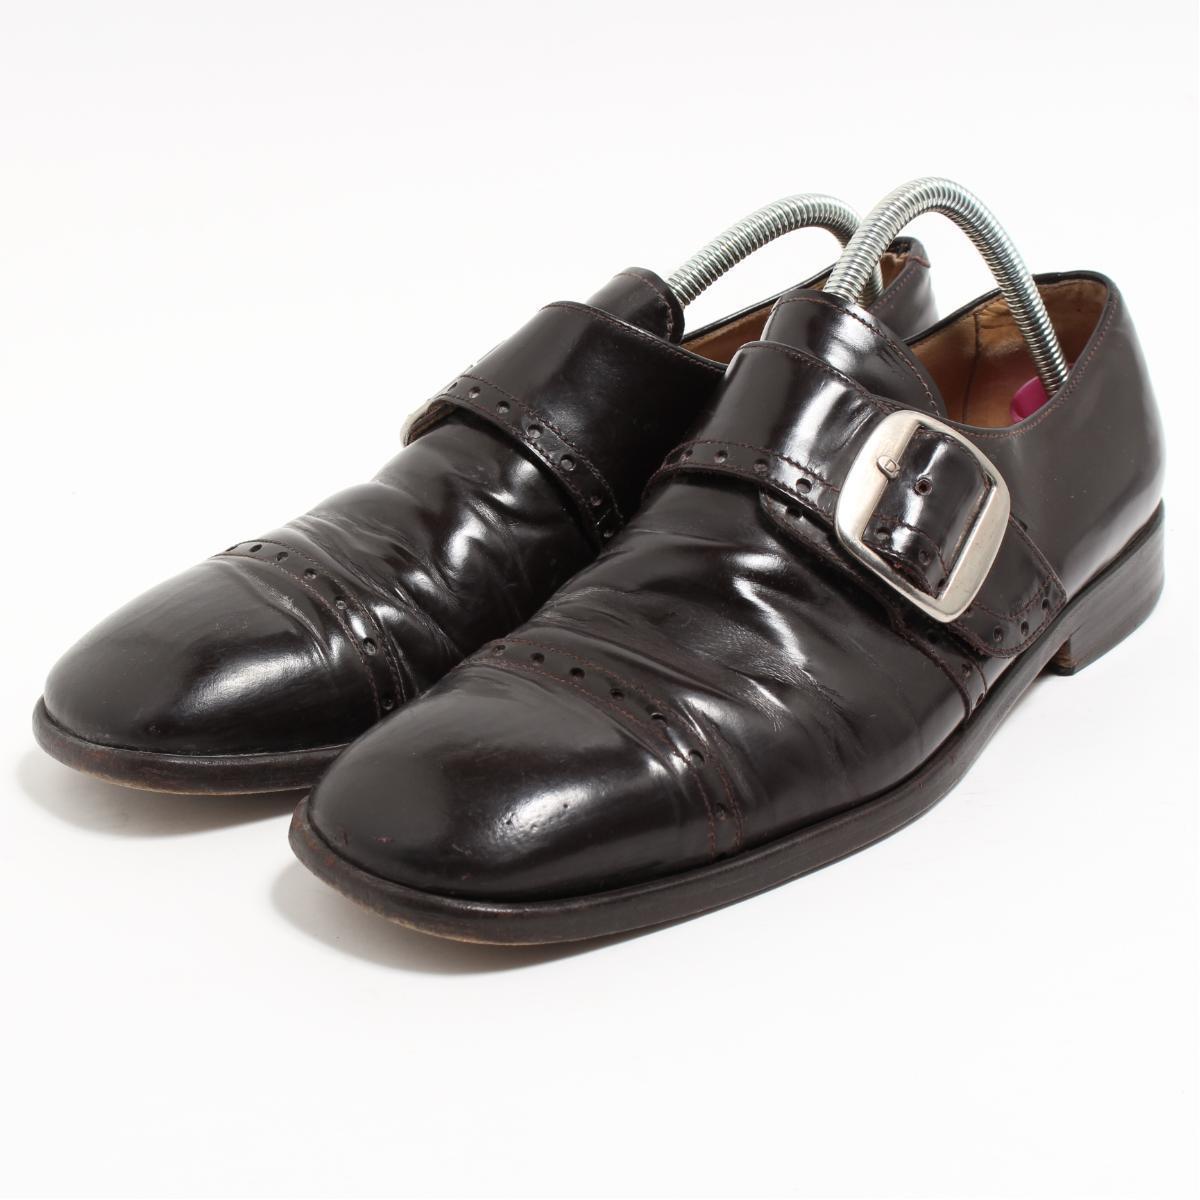 ドルチェアンドガッバーナ DOLCE&GABBANA モンクストラップブーツ イタリア製 9.5 メンズ27.5cm /boo7005 【中古】 【190314】